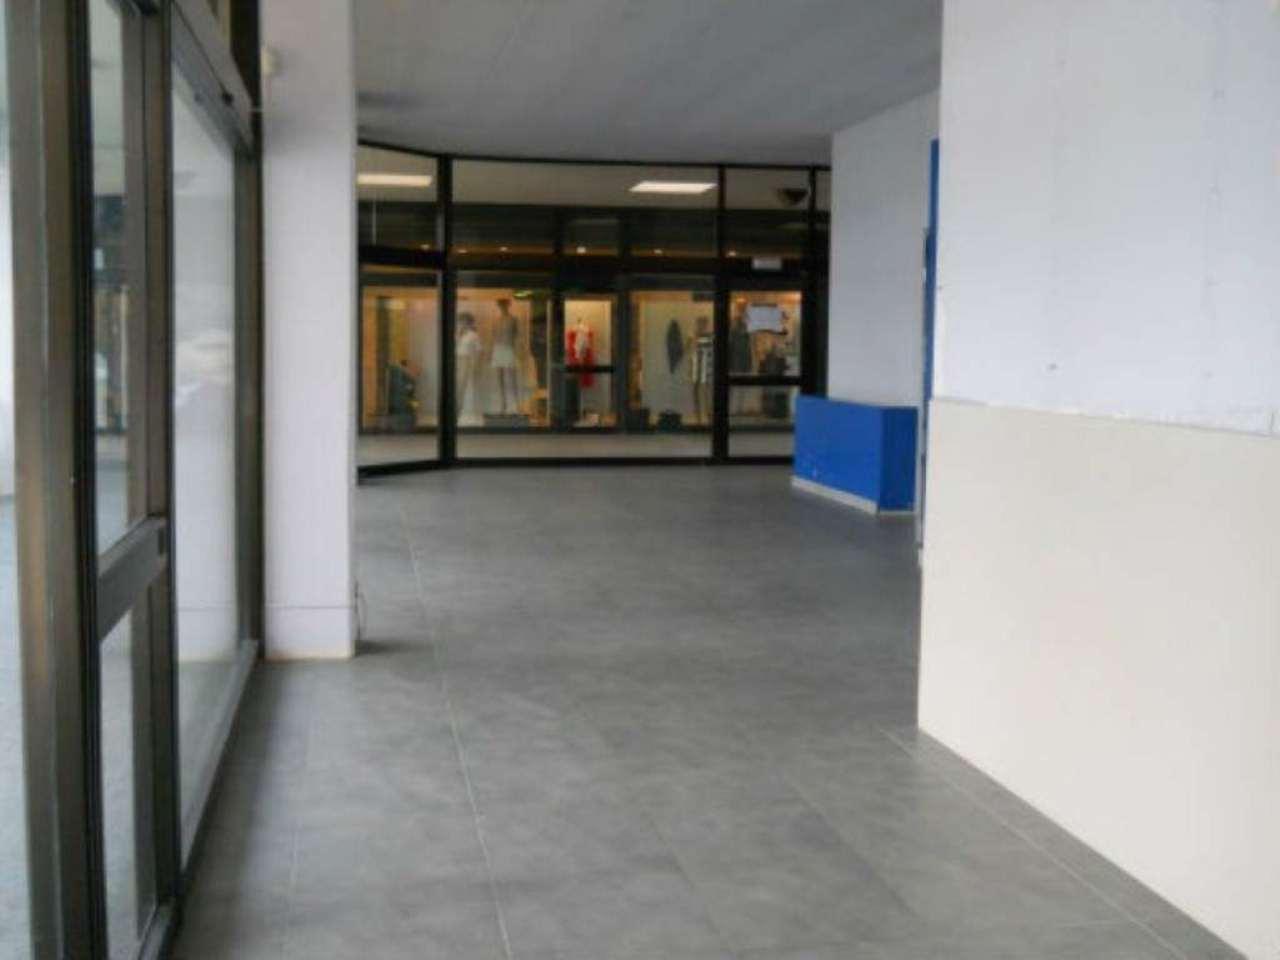 Negozio / Locale in affitto a Rezzato, 9999 locali, prezzo € 800 | CambioCasa.it